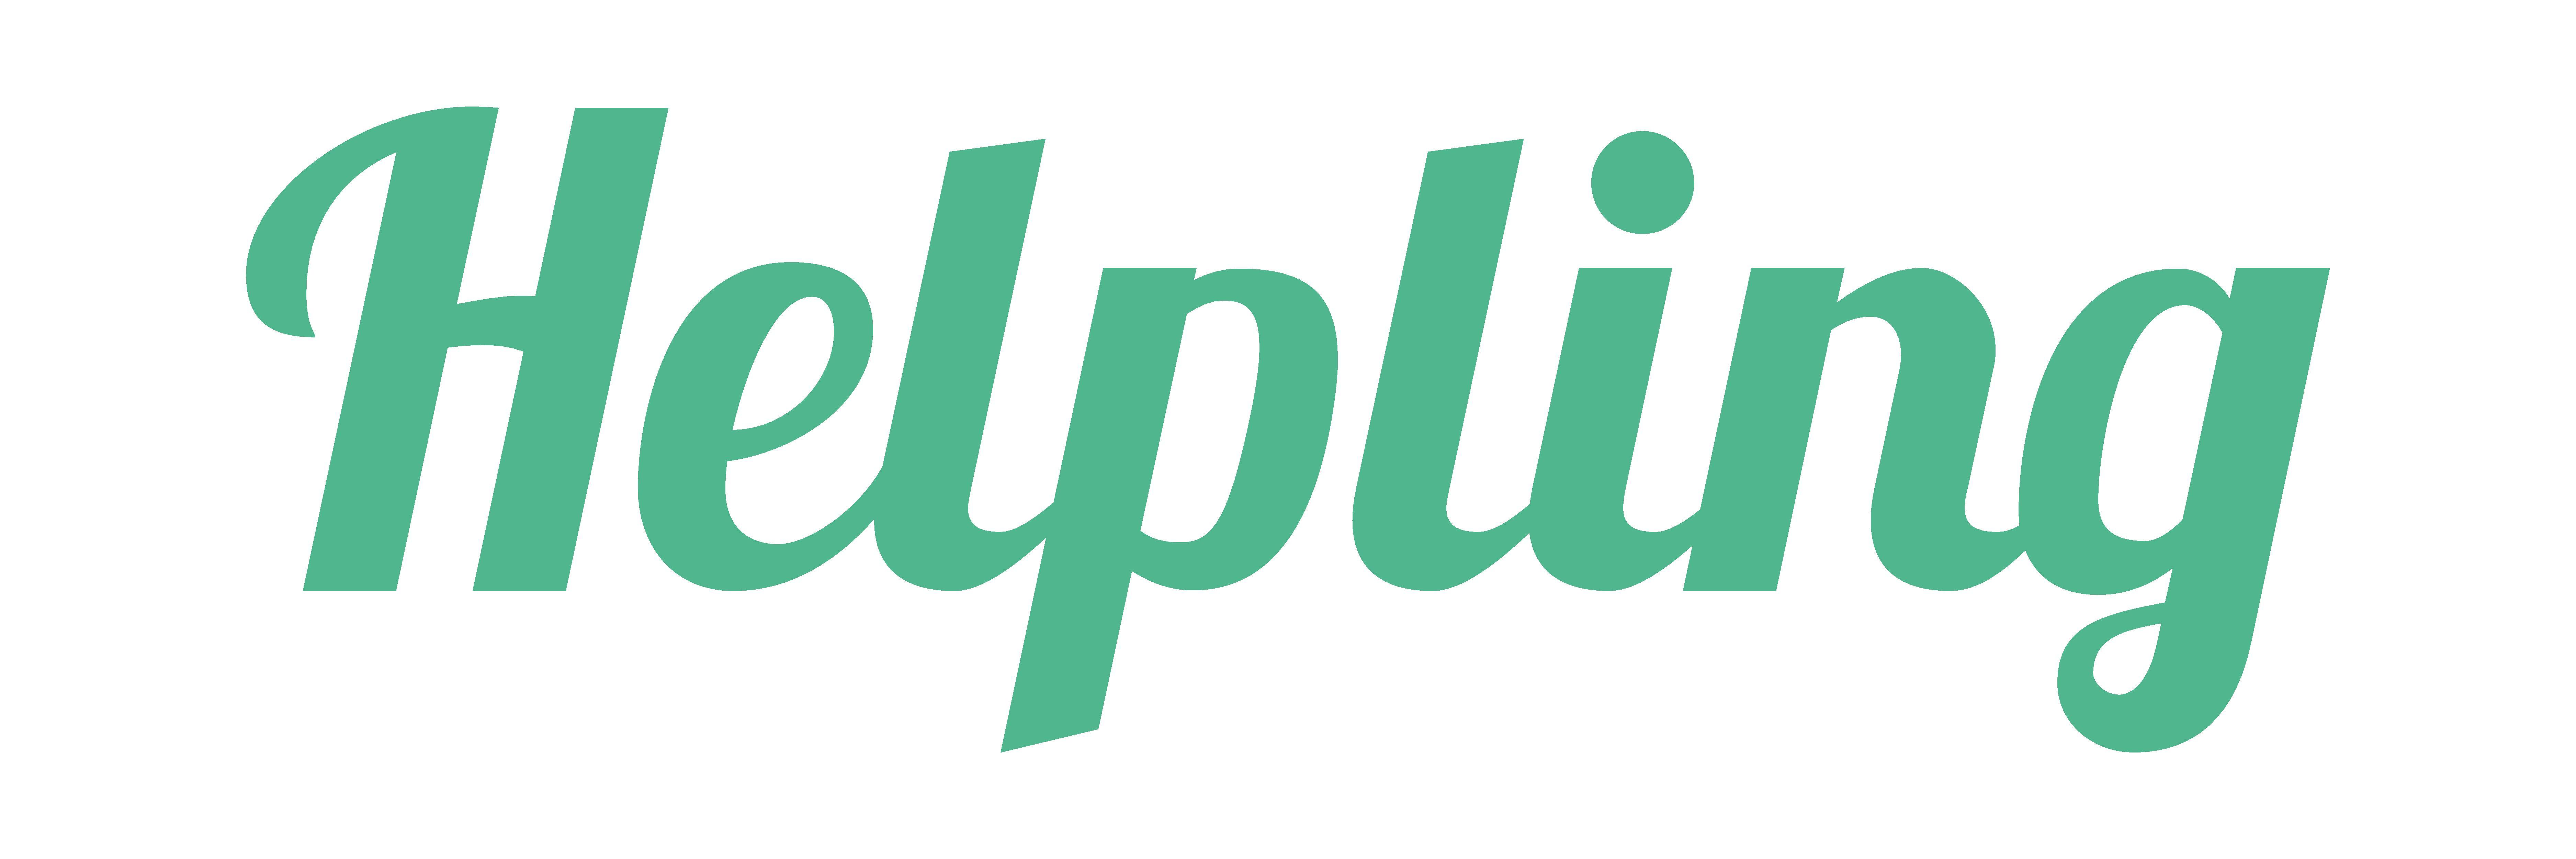 Helpling Logo Kit